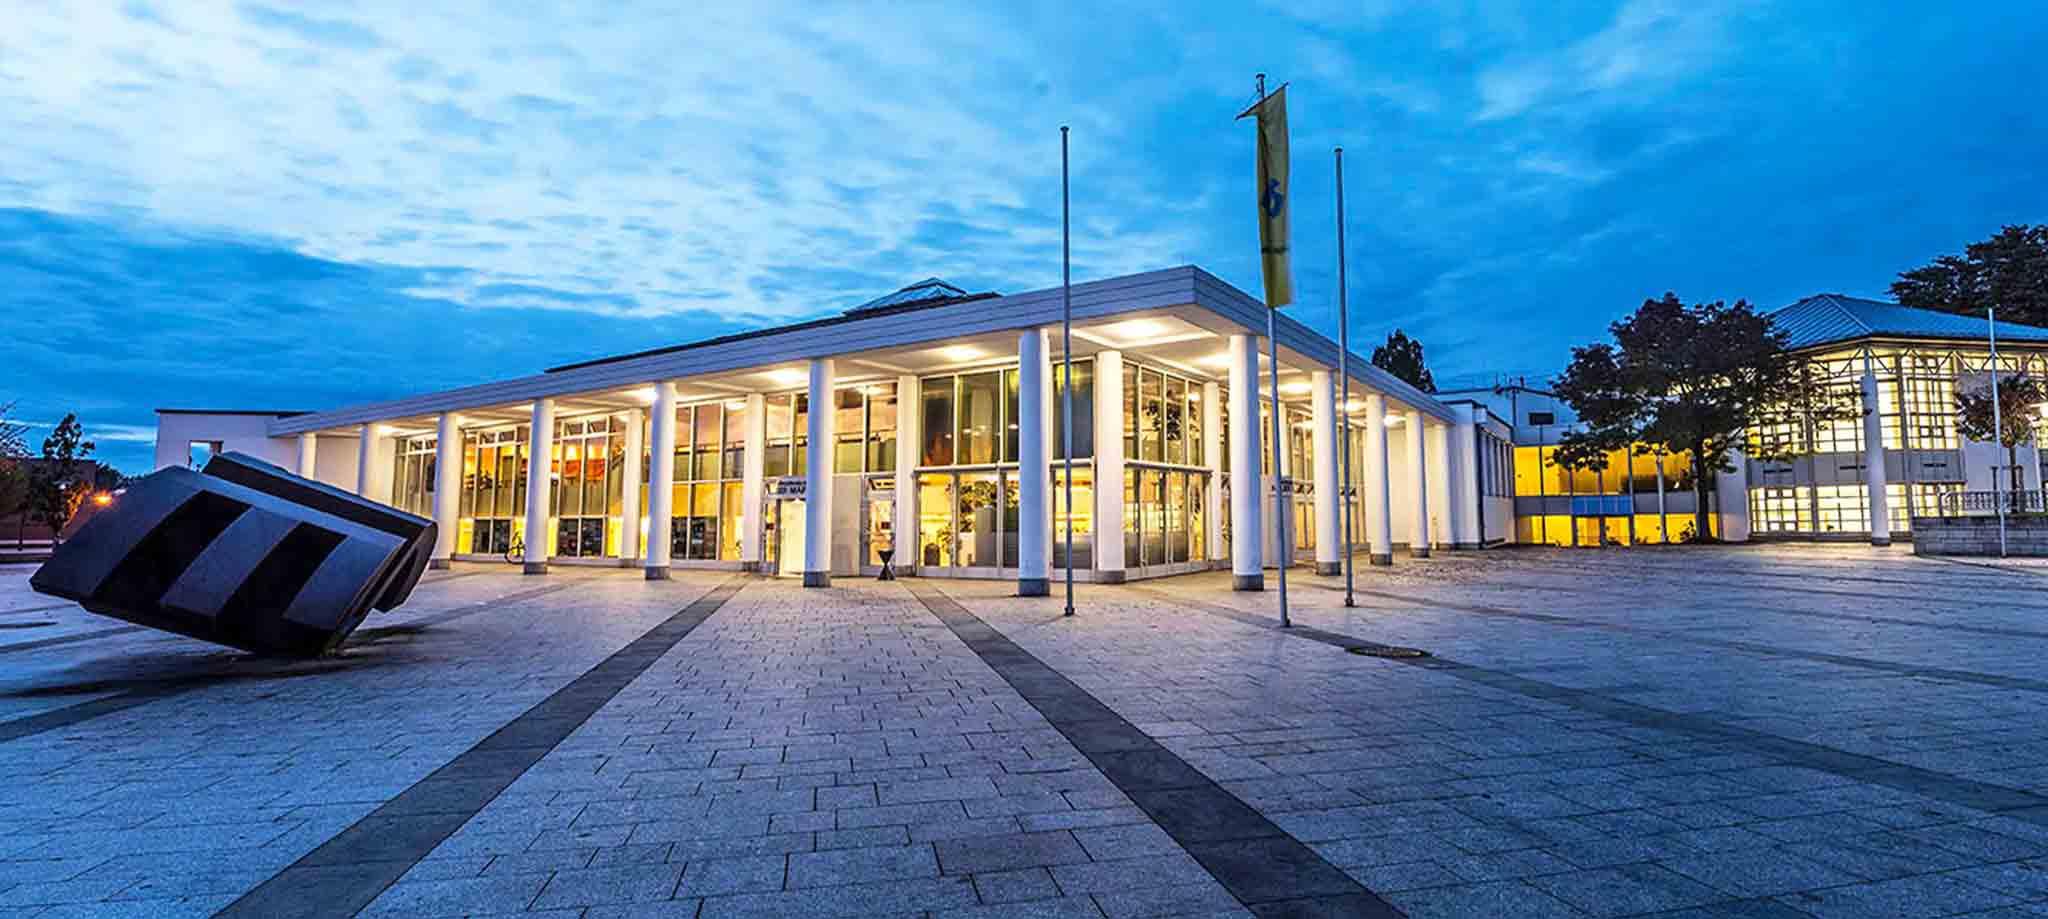 Bürgerhaus Bühl